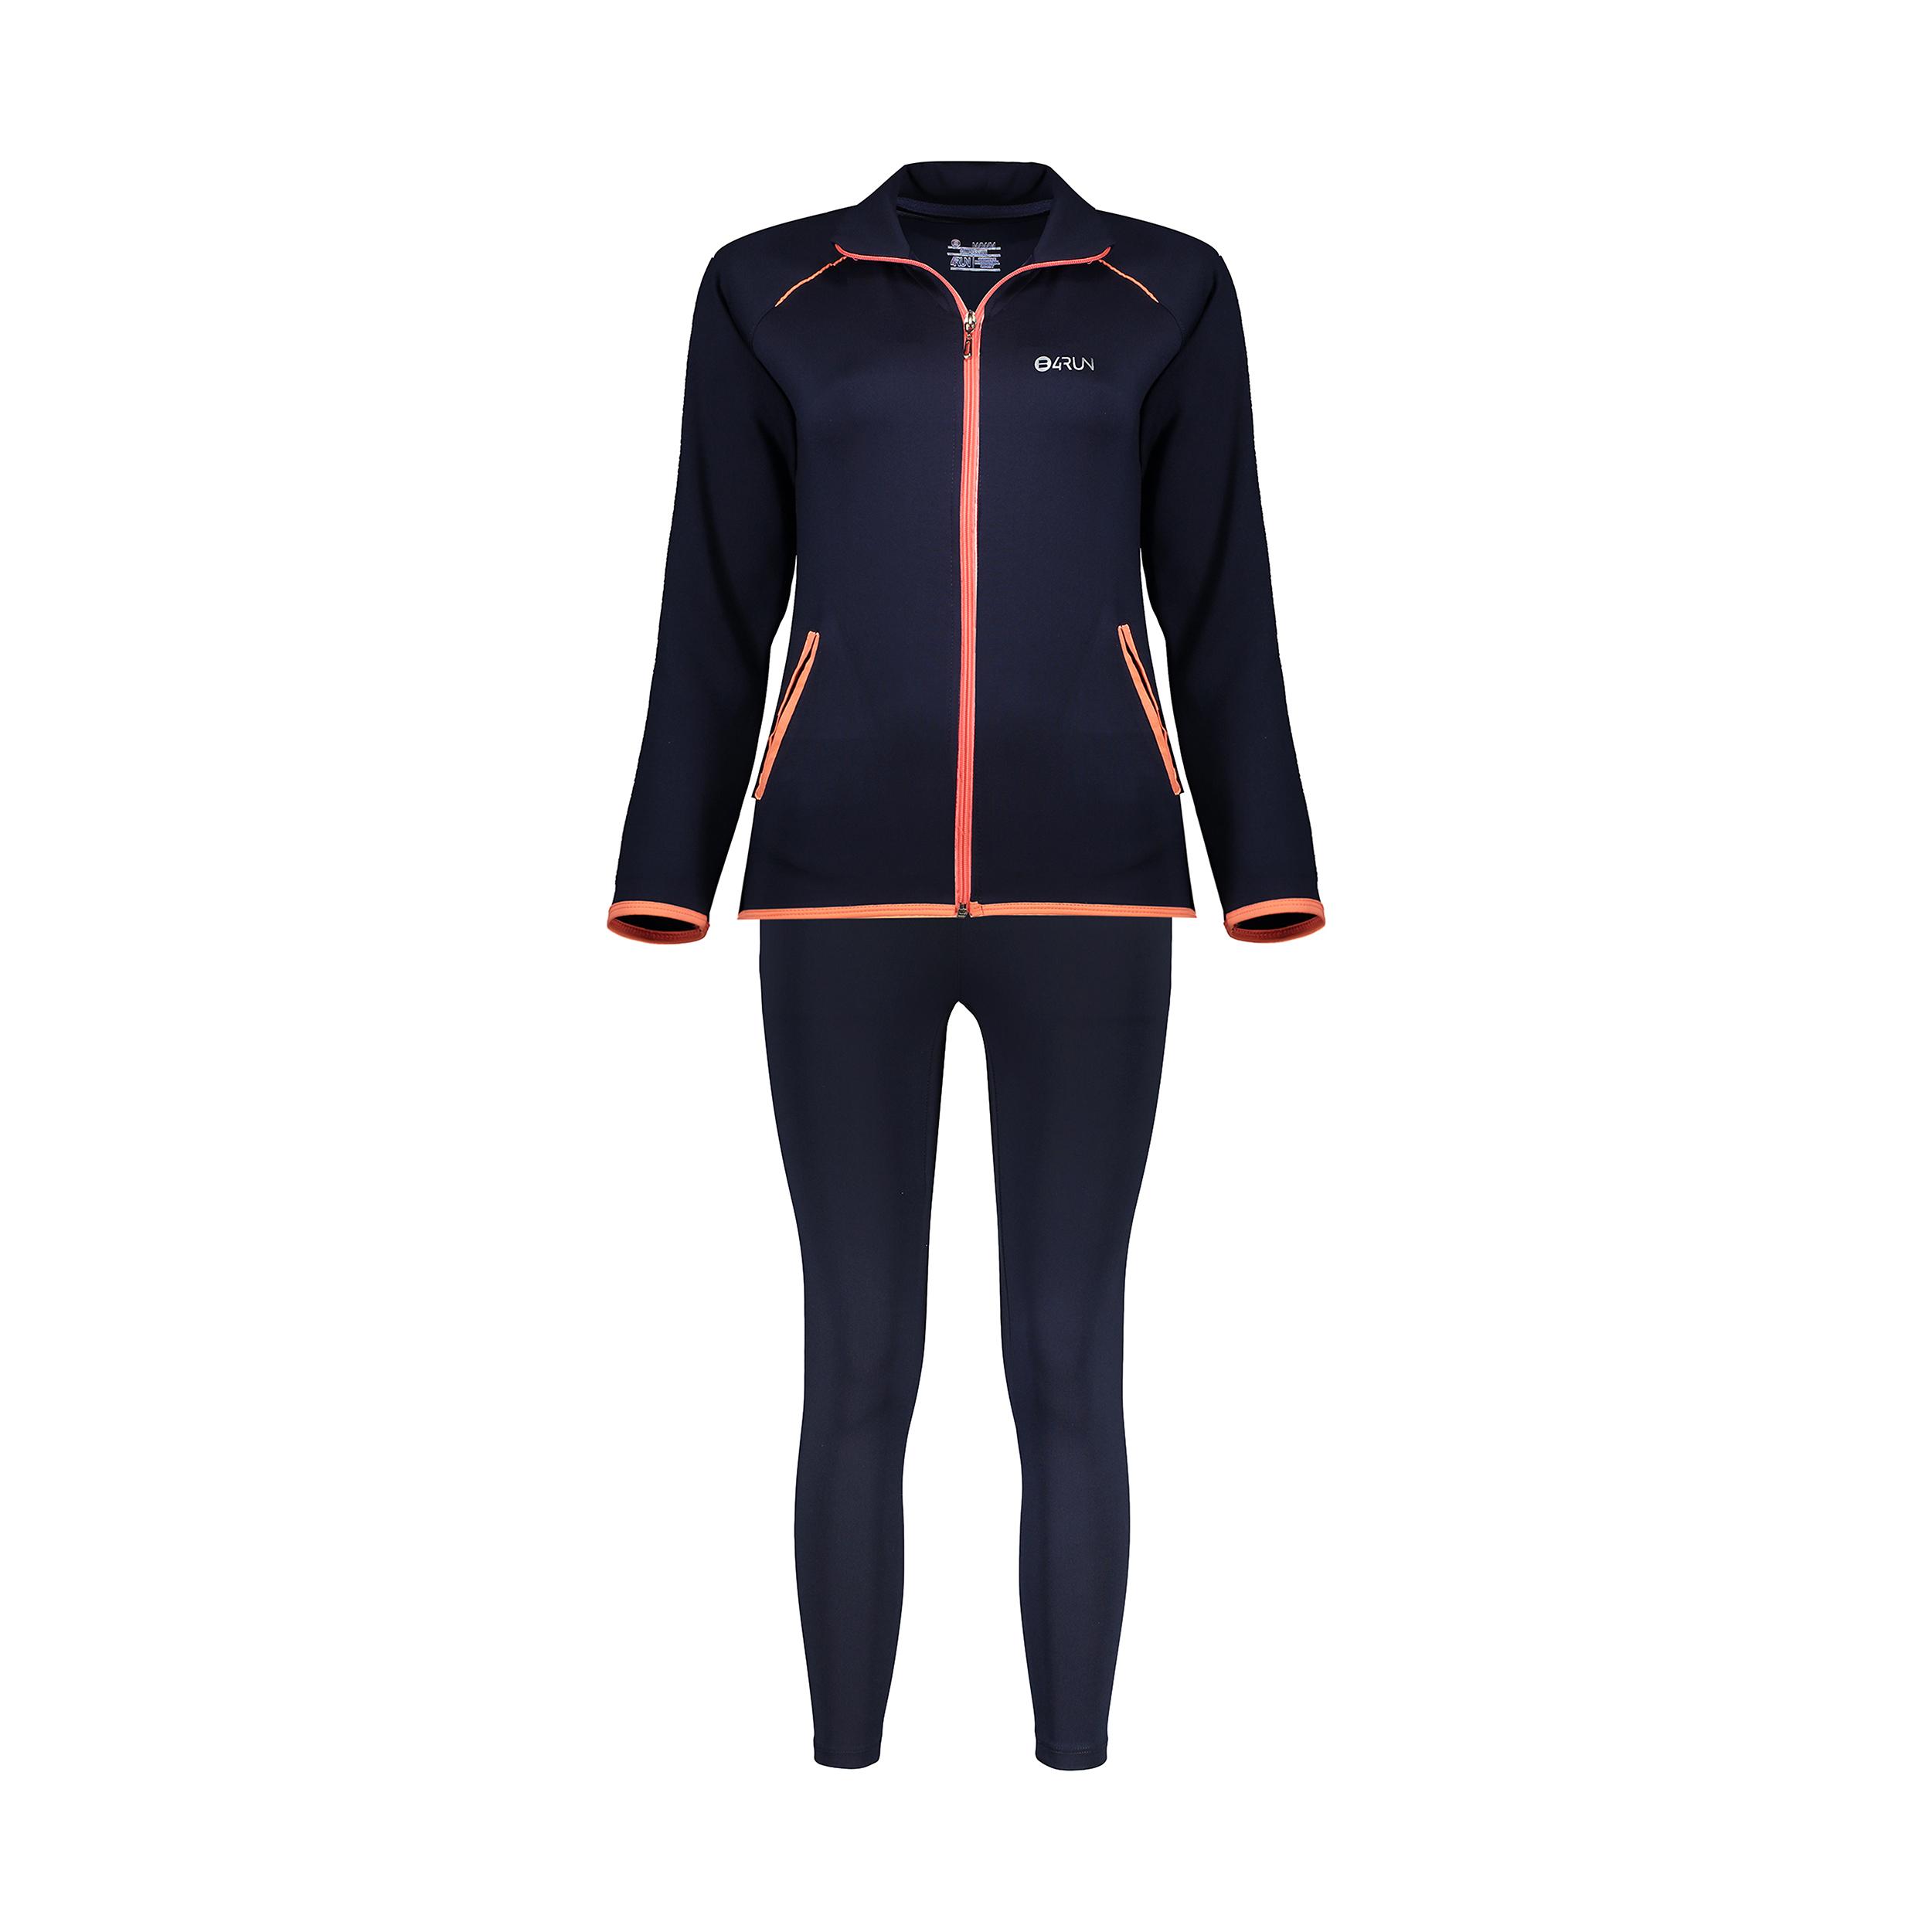 ست سویشرت و شلوار ورزشی زنانه بی فور ران مدل 980121-59